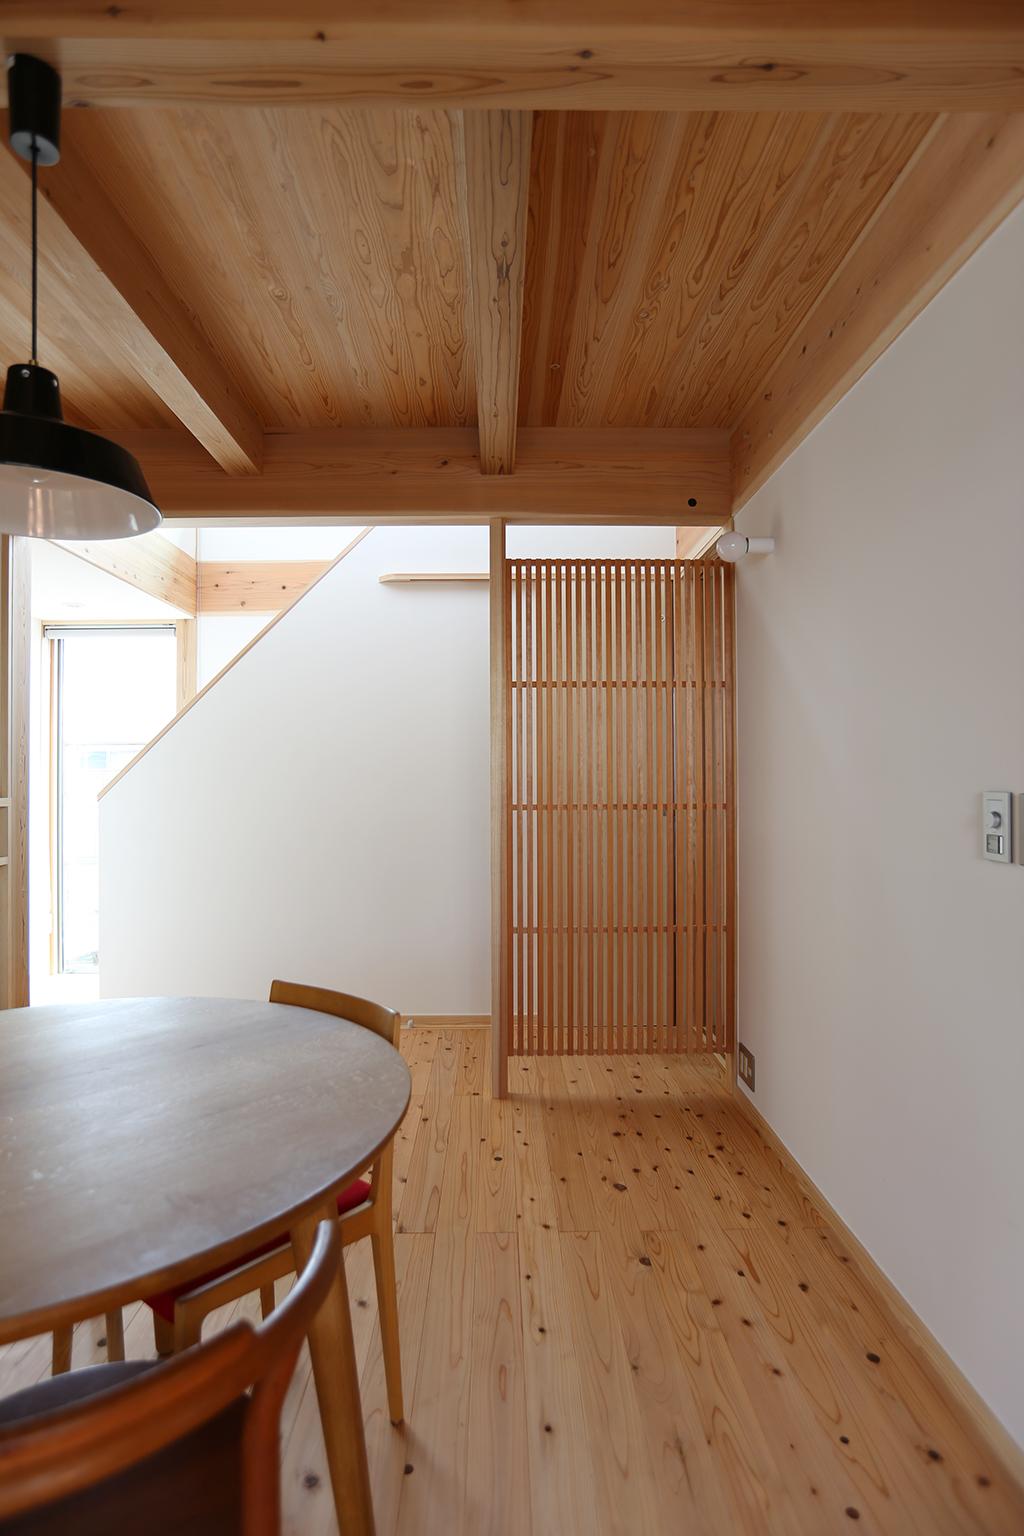 三木市の木の家 ダイニングとトイレの間に設けた目隠しとなる格子